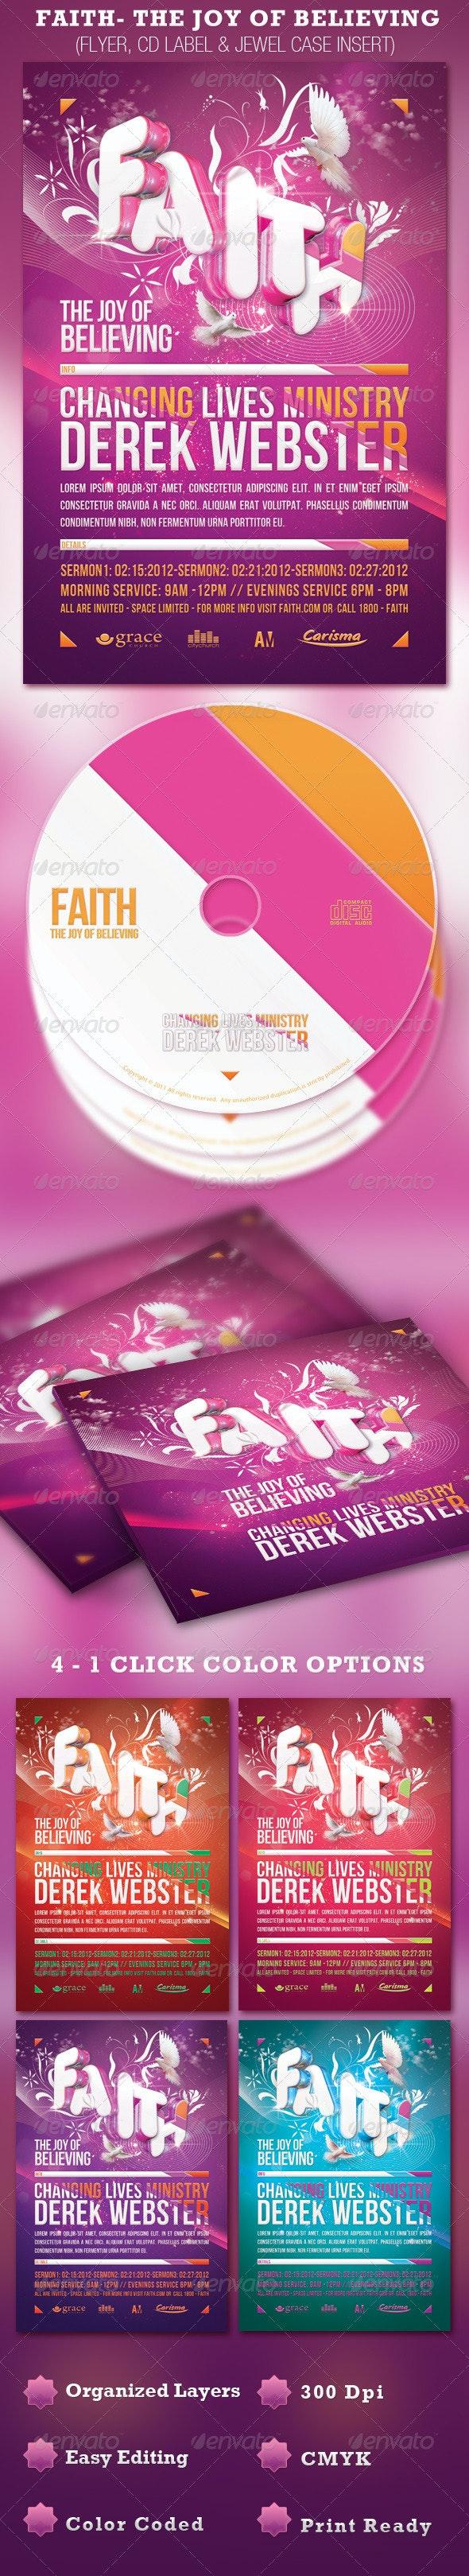 Faith Church Flyer and CD Template - Church Flyers